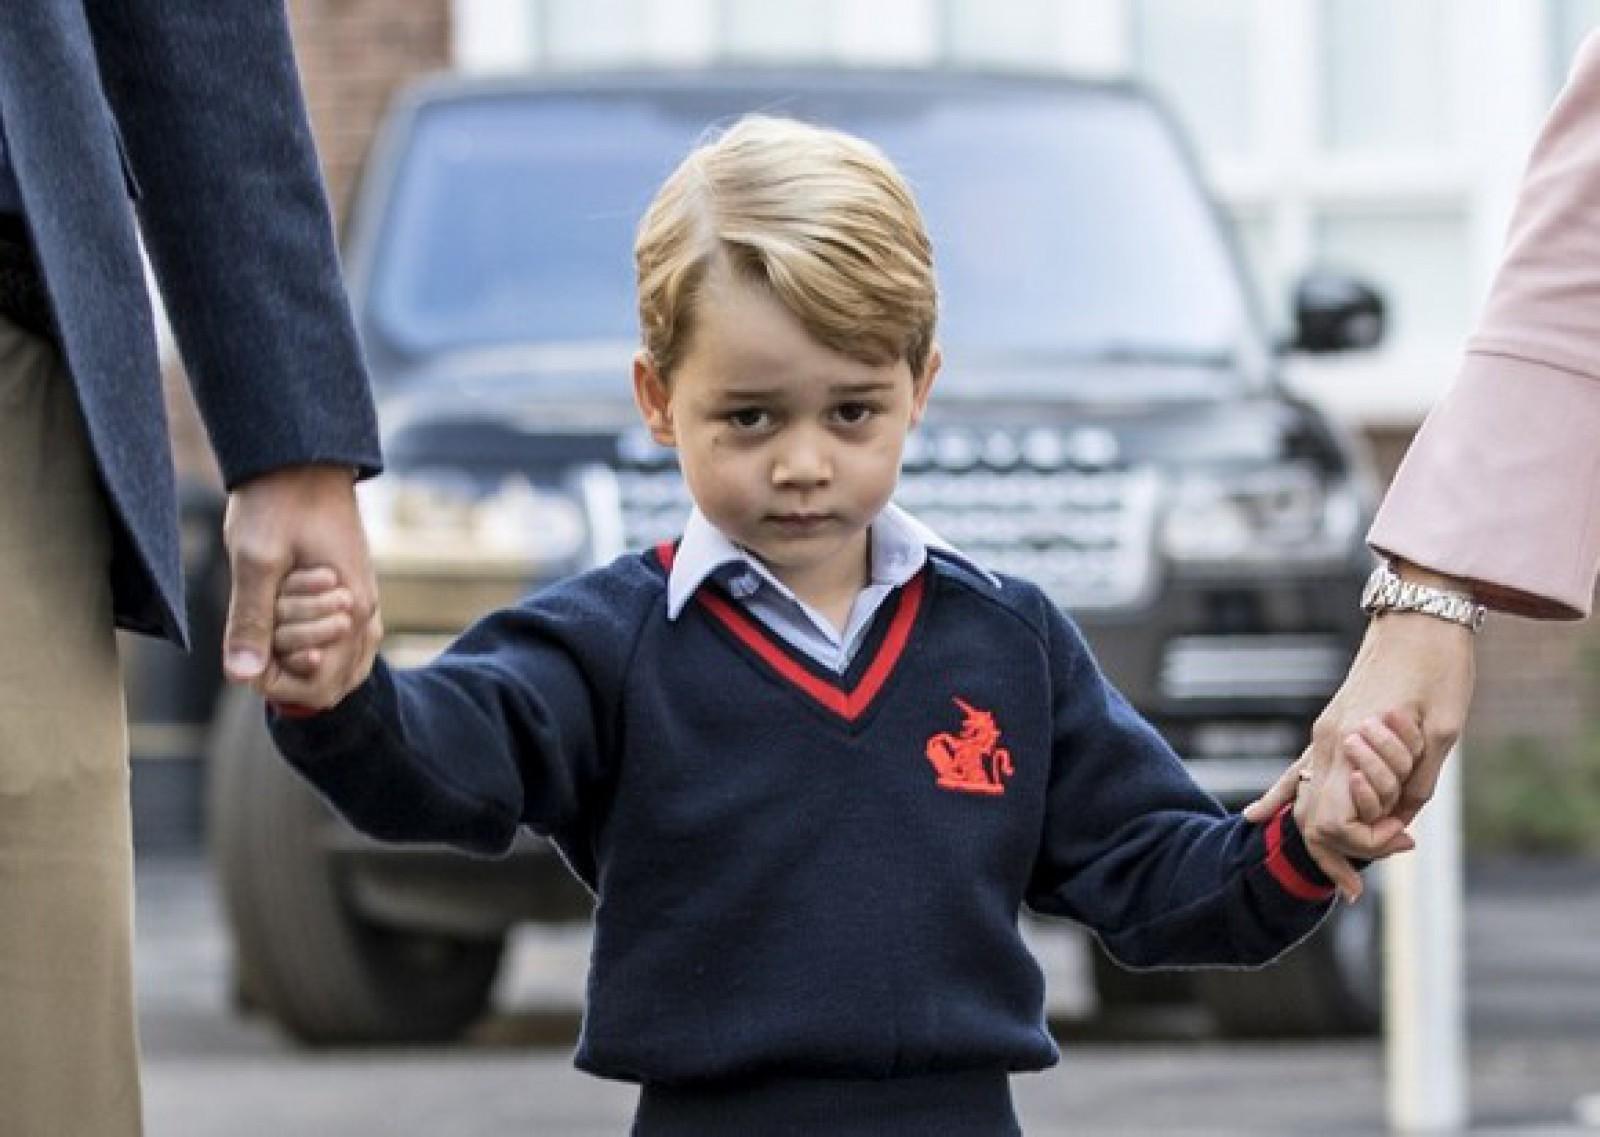 Închisoare pe viaţă pentru britanicul care a incitat la un atentat împotriva prinţului George